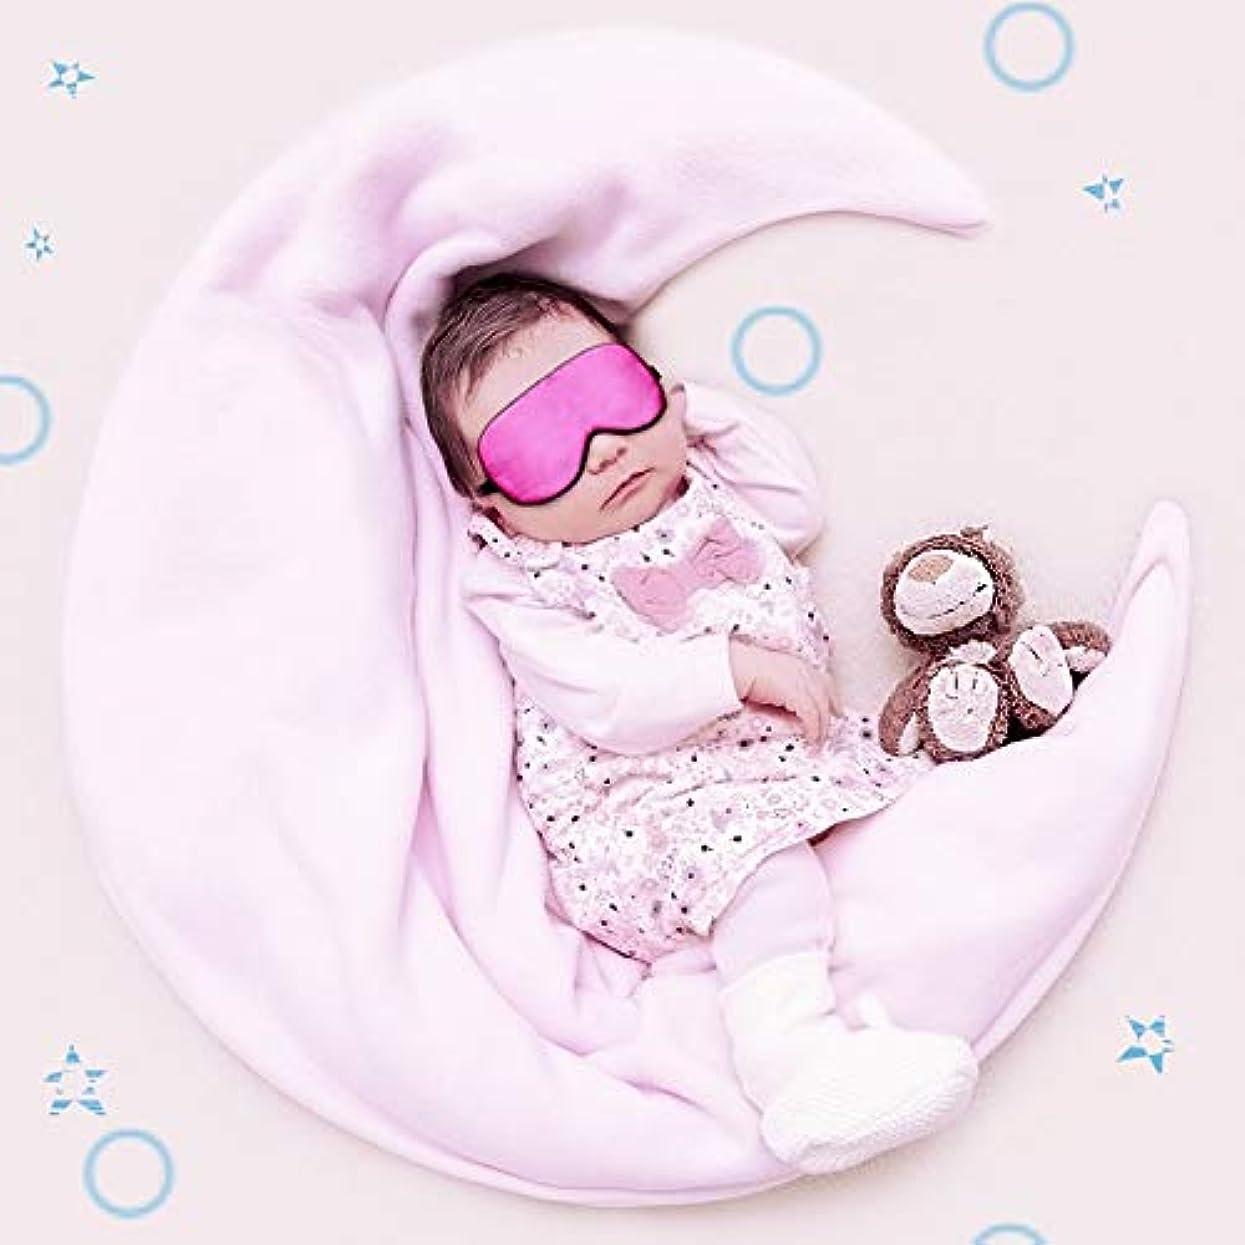 エンディングスパイマイル注アイシェード用ベビーアイマスクシルク素材睡眠シェードブルーライトに対して通気性のある子供使用送料無料